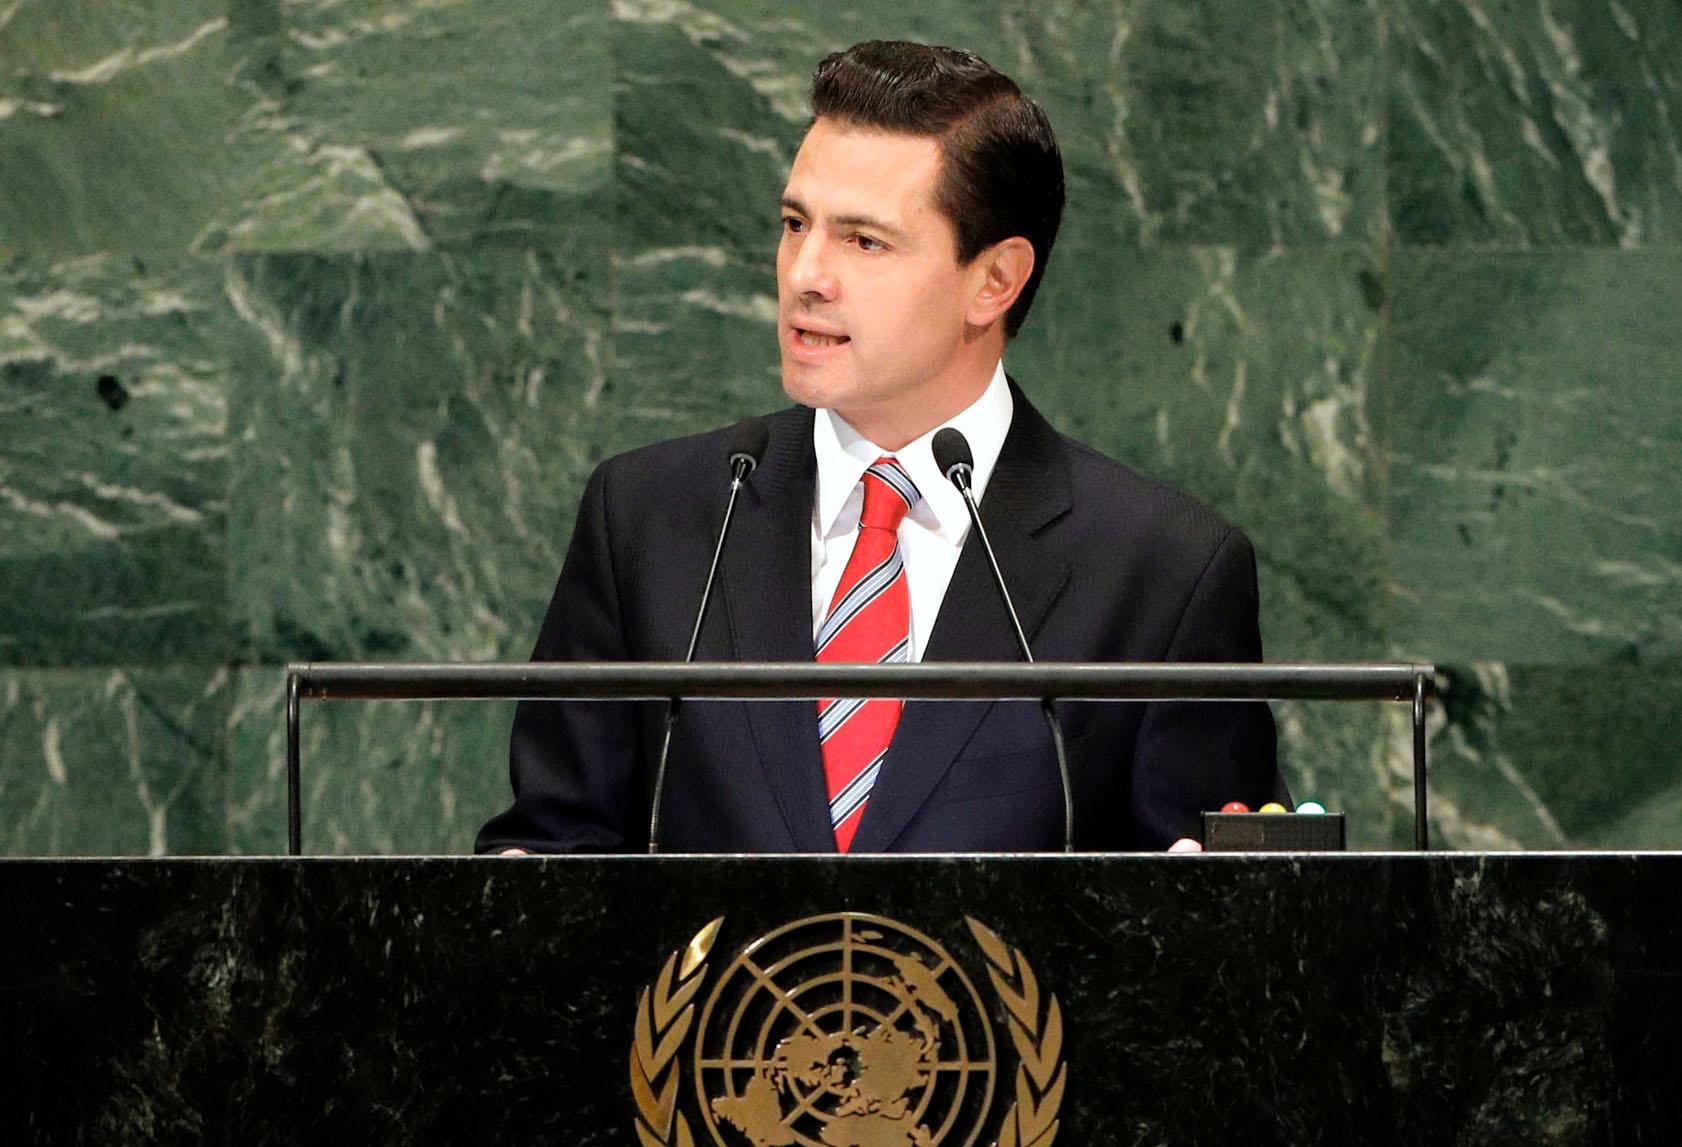 Photo of Participación del Presidente, licenciado Enrique Peña Nieto, durante la 73° Asamblea General de la Organización de las Naciones Unidas